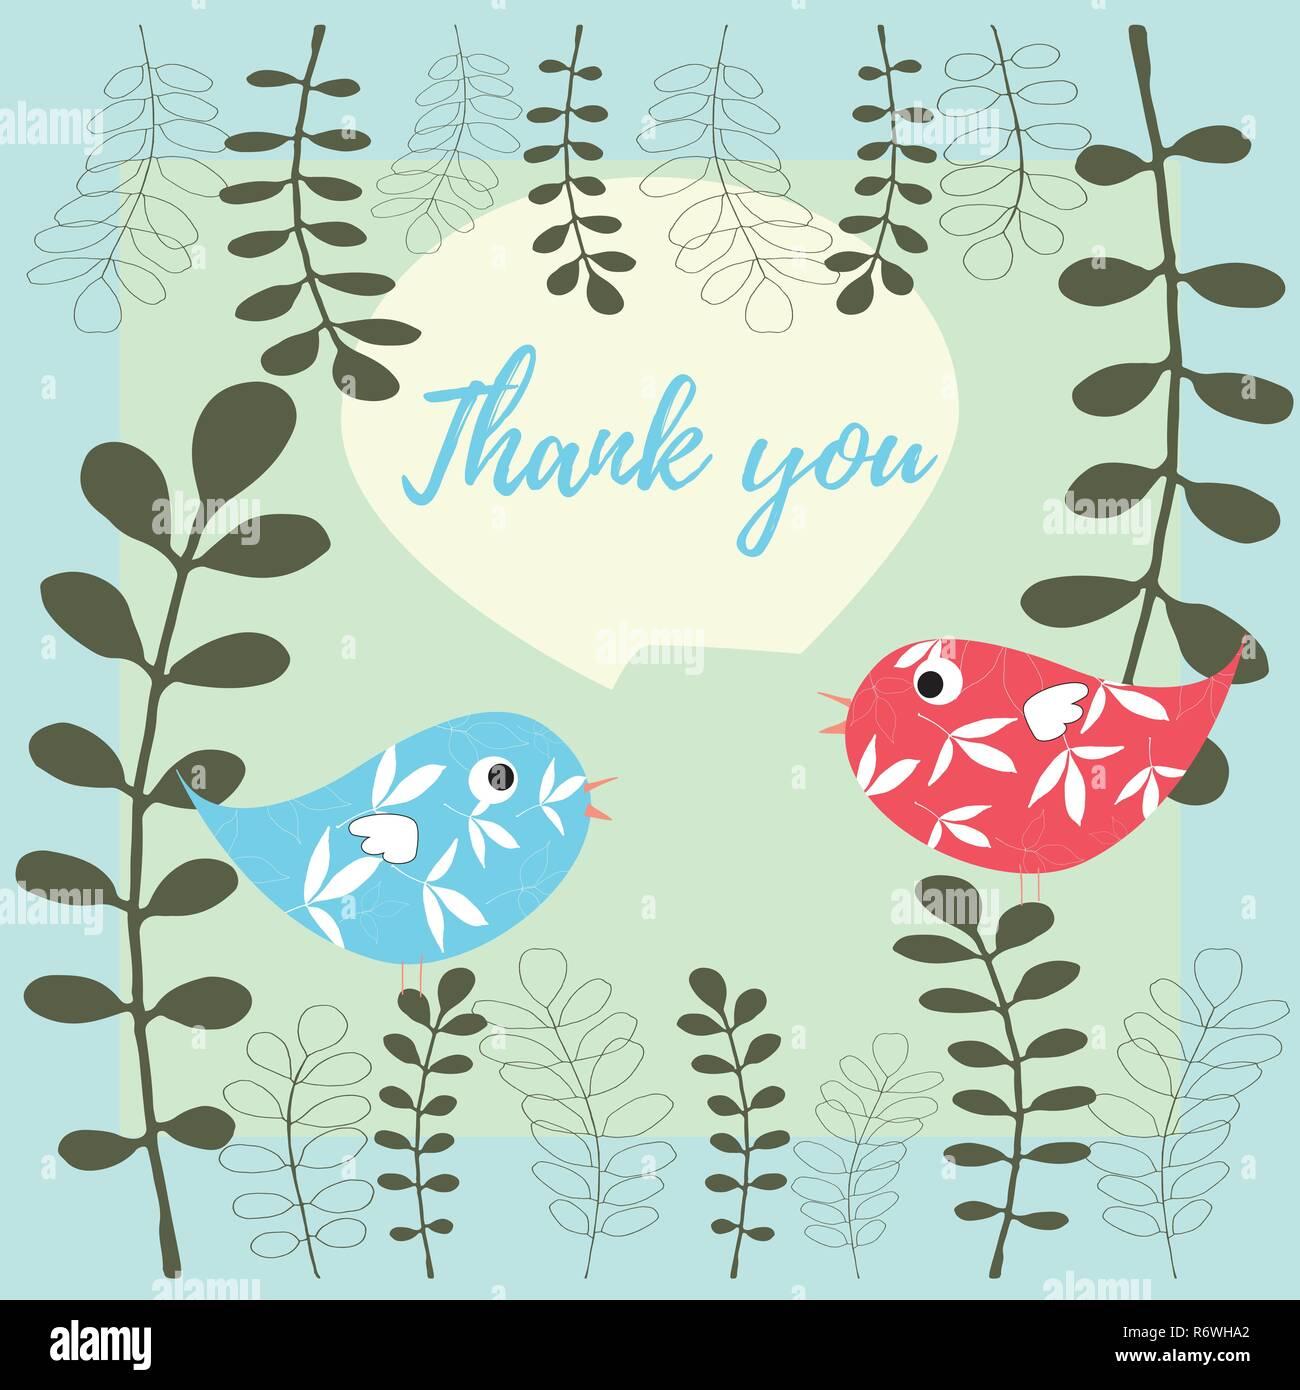 Merci Carte Vecteur Illustration Avec Les Oiseaux Et Les Feuilles En